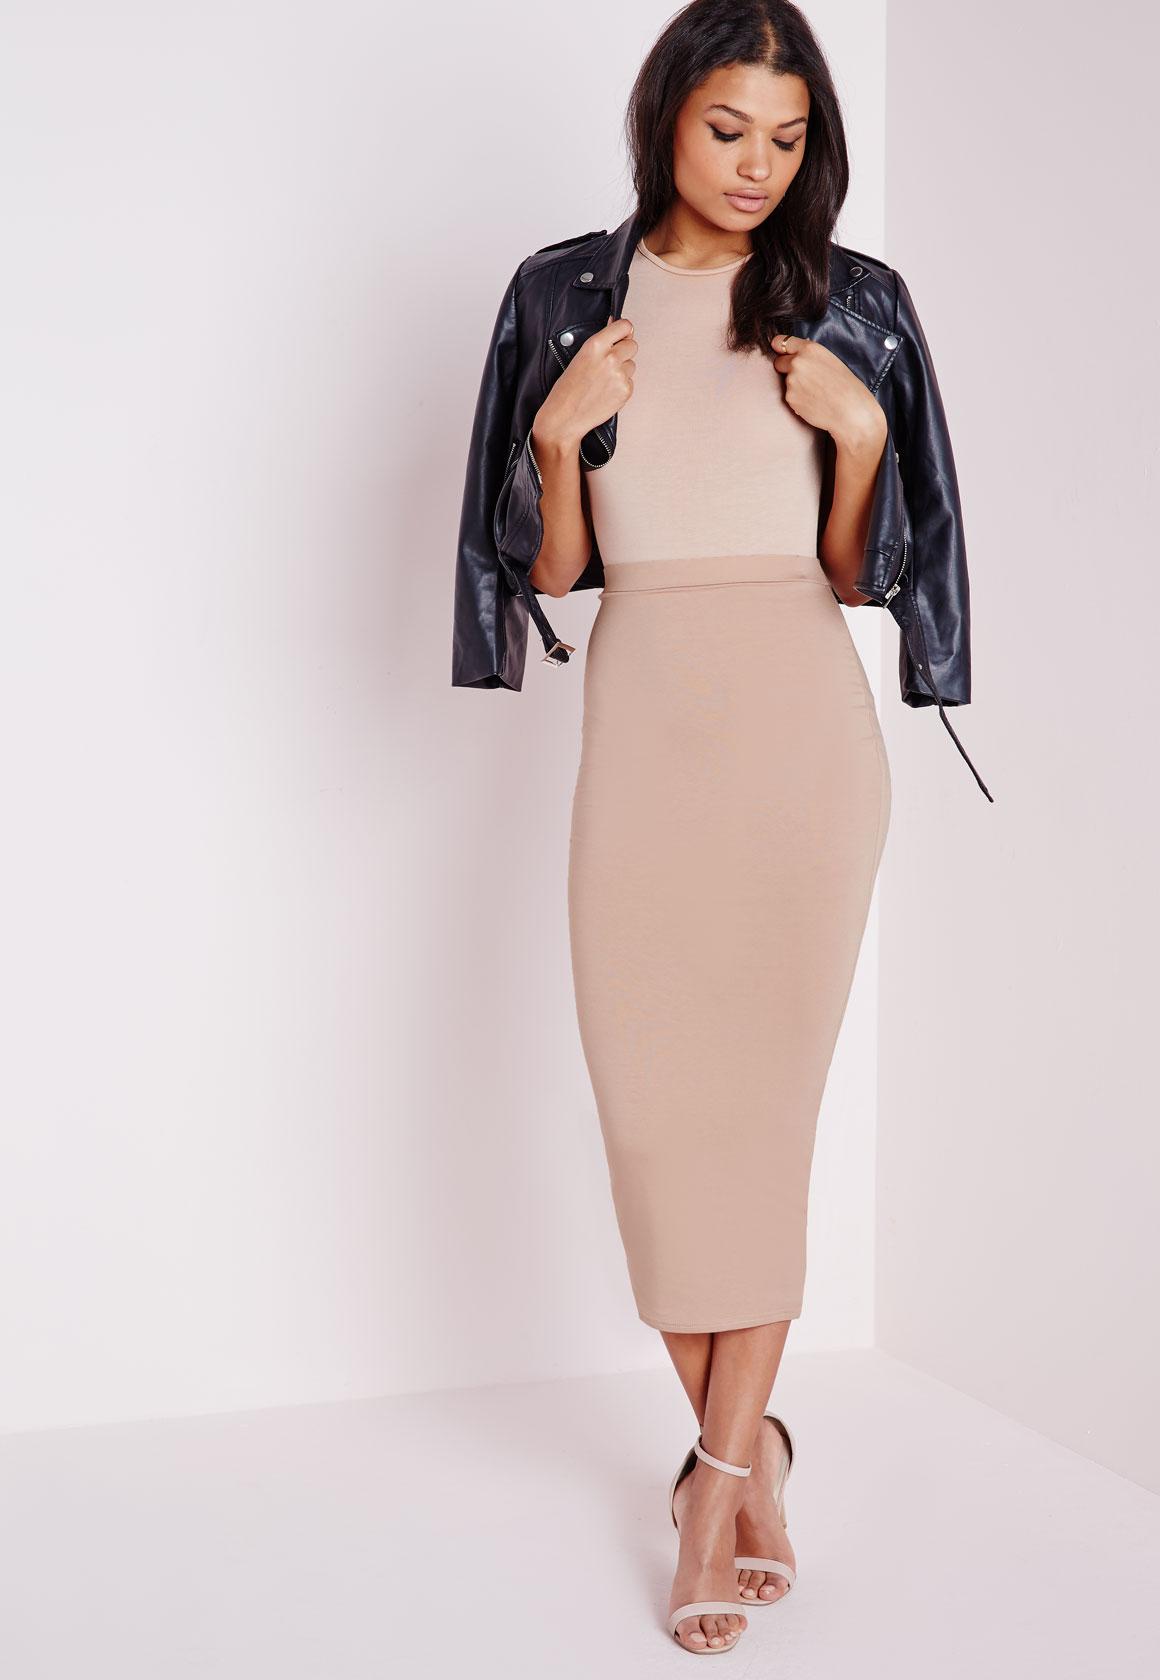 Women's Skirts Online for tall slim